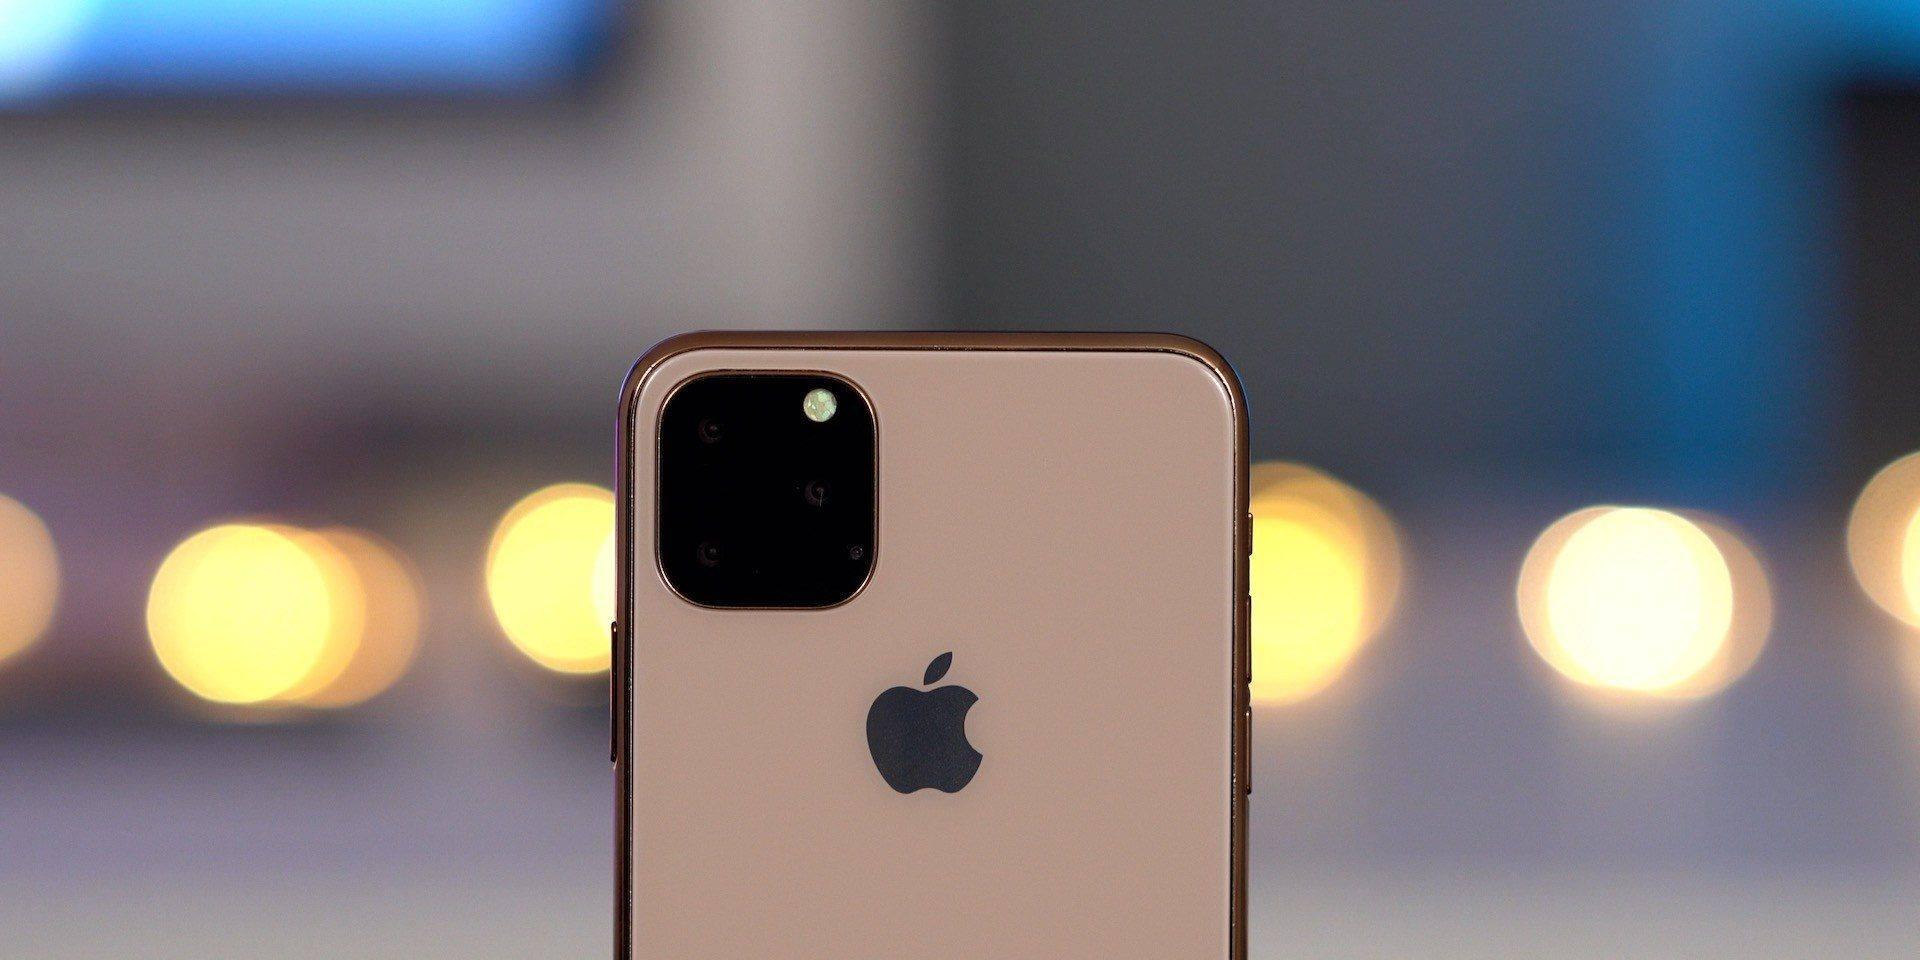 iPhone-11-Max-Dummy